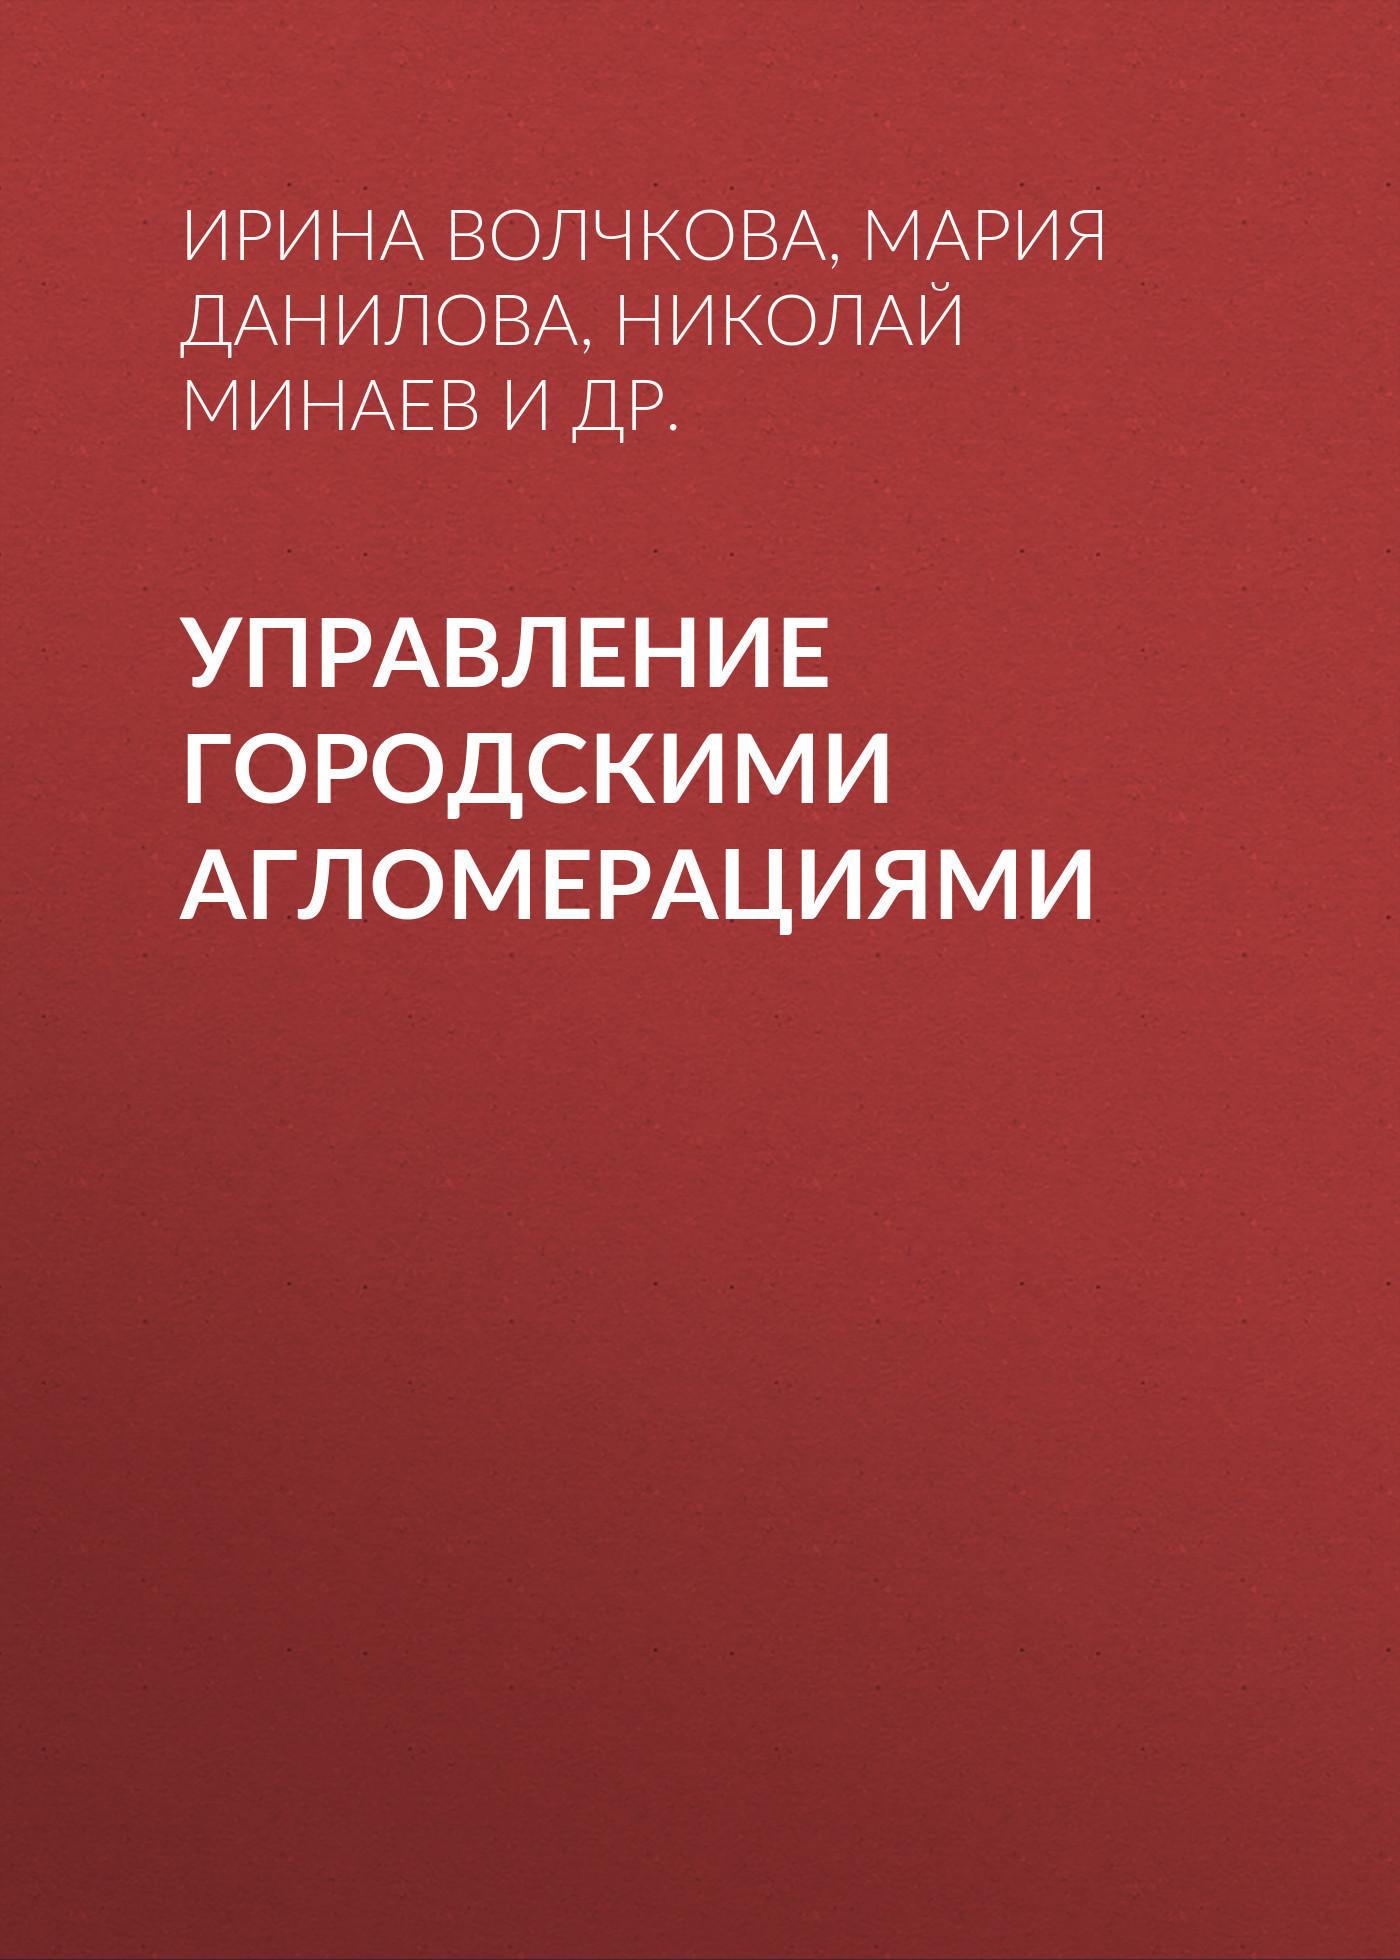 Обложка книги Управление городскими агломерациями